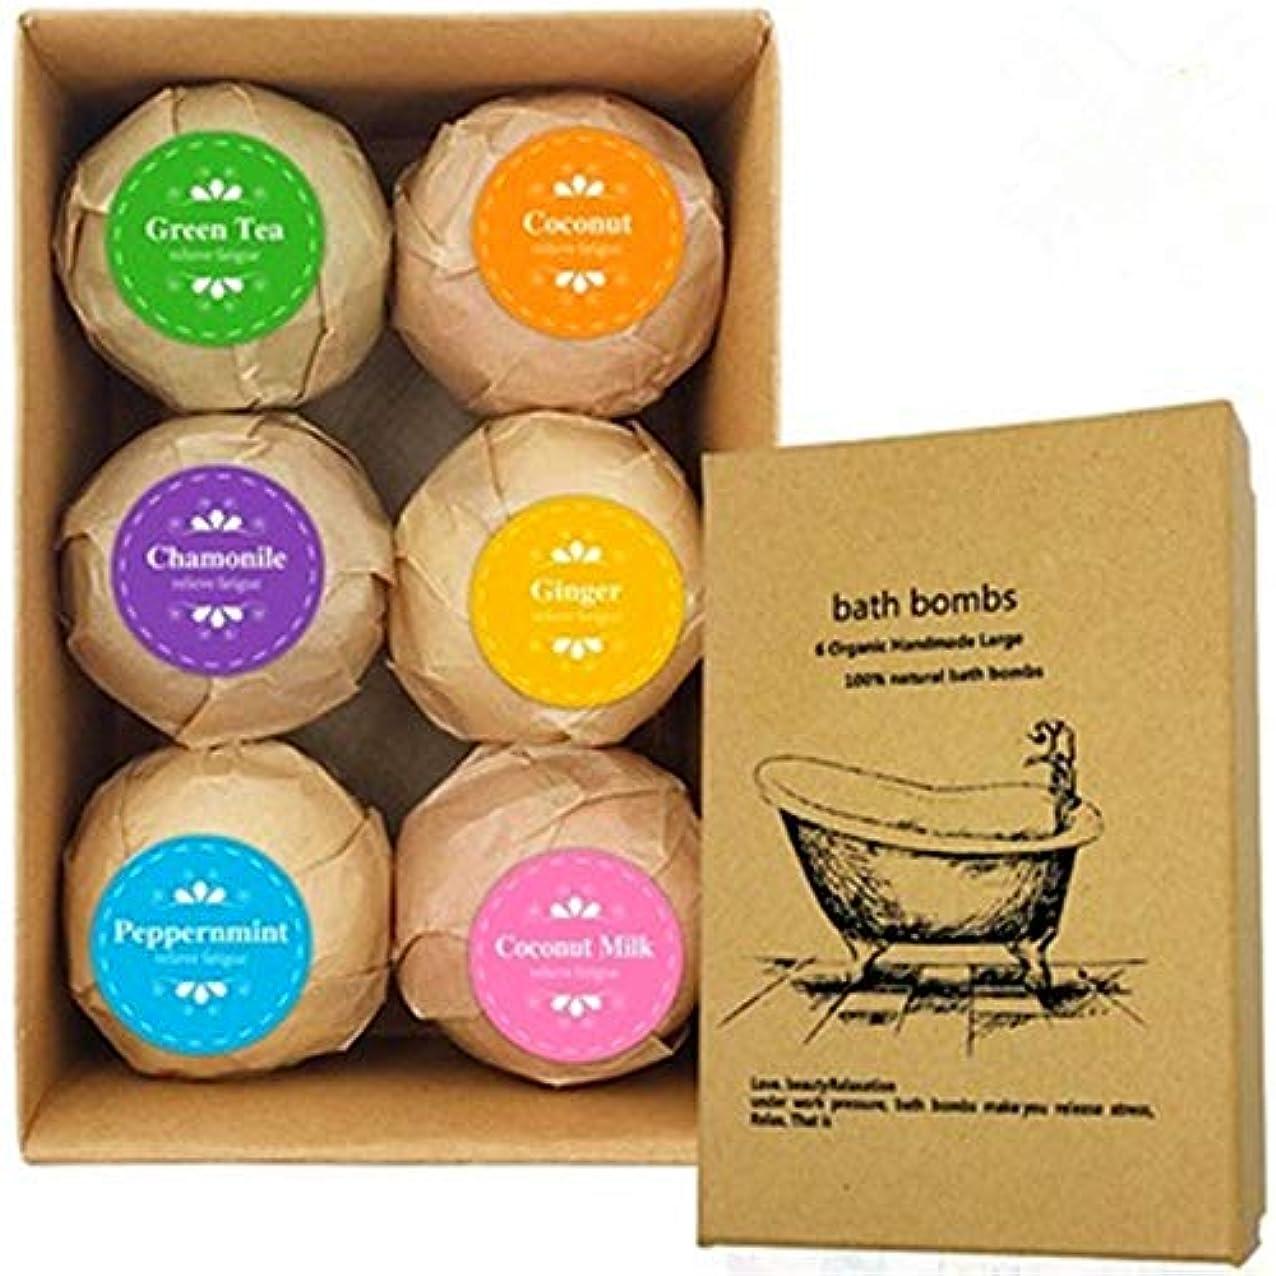 群がるサーバペンバスボム 入浴剤 炭酸 バスボール 6つの香り 手作り 入浴料 うるおいプラス お風呂用 入浴剤 ギフトセット6枚 プレゼント最適